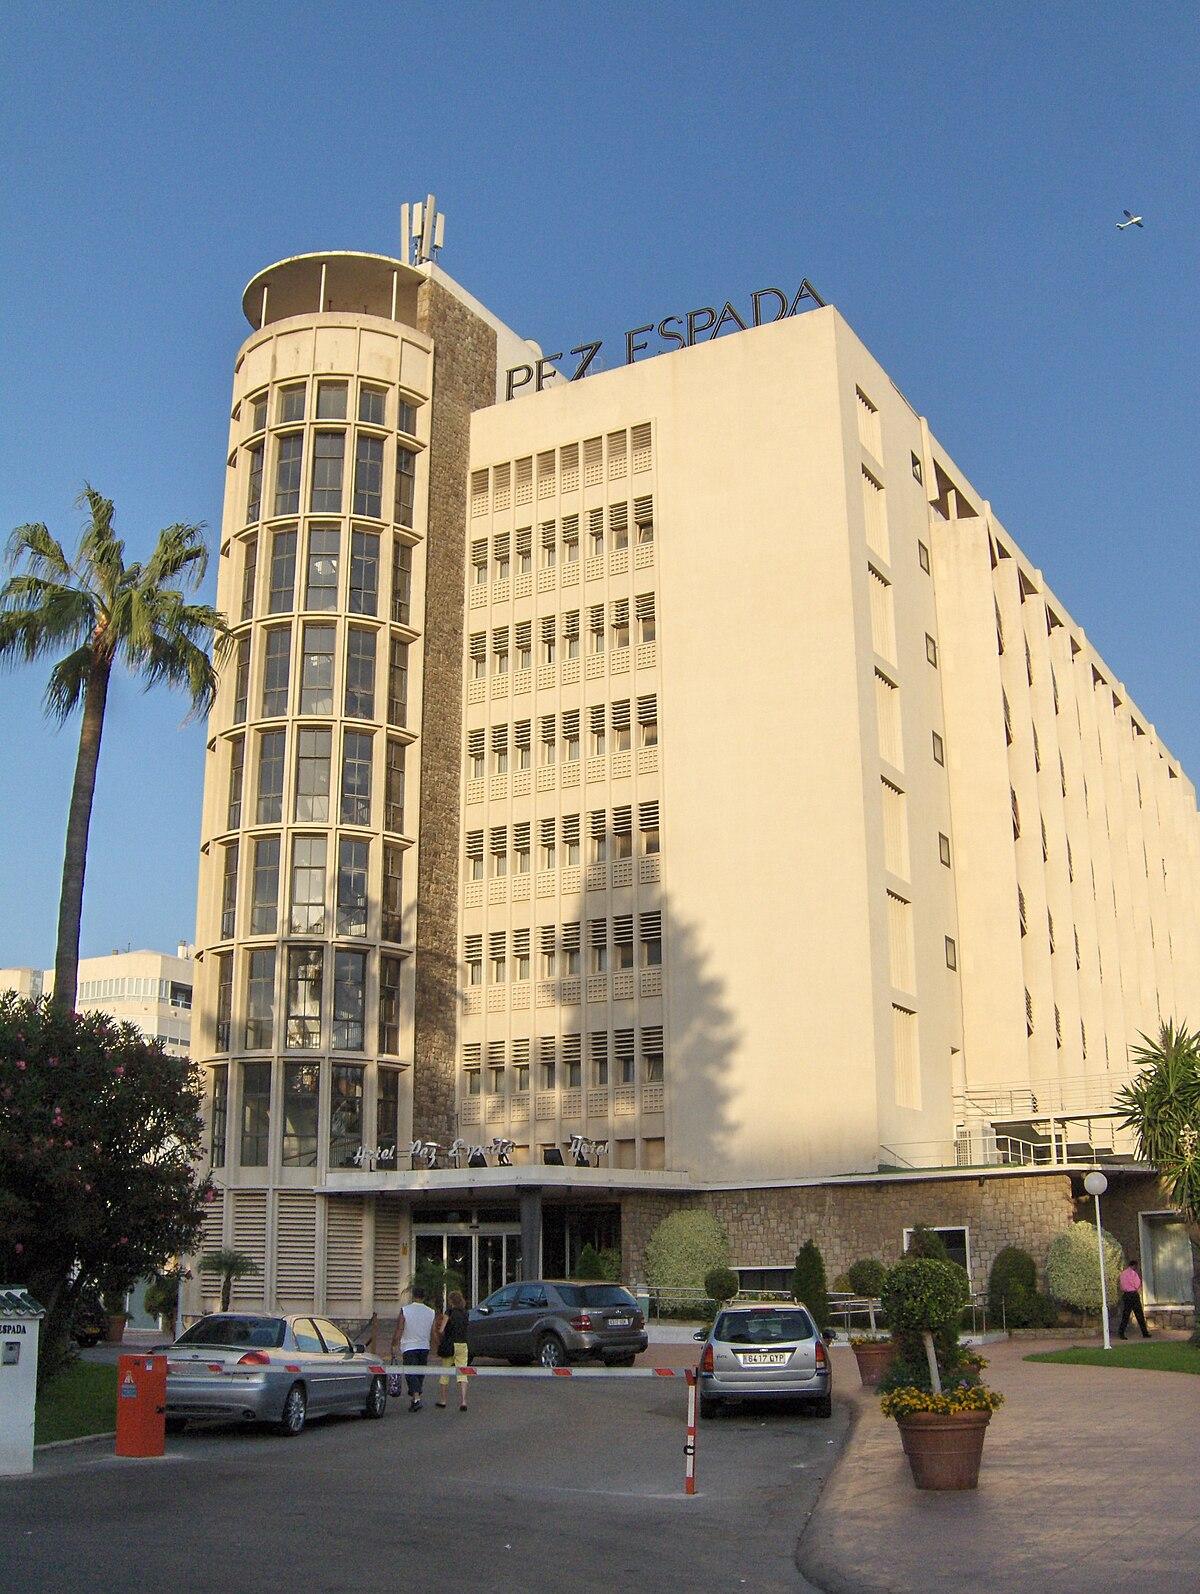 Permalink to Hotel Pez Espada Costa Del Sol